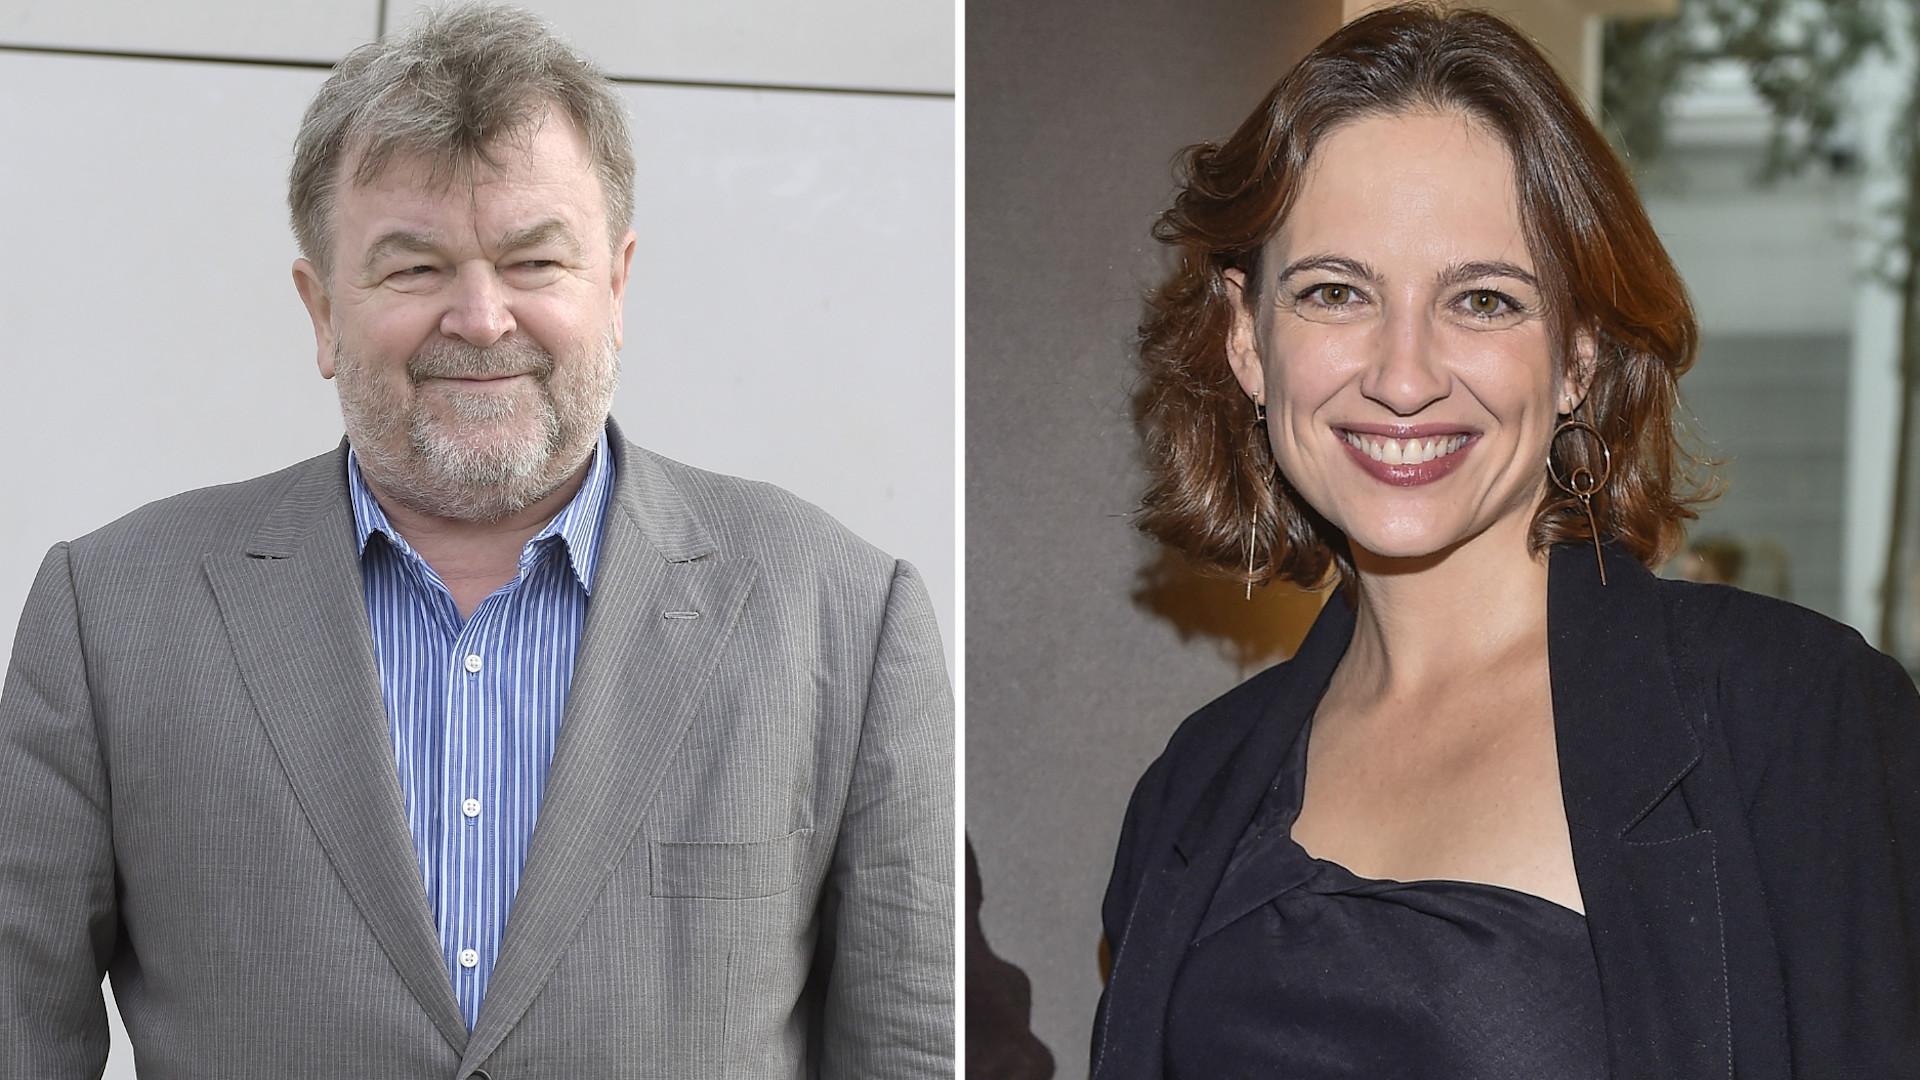 Edward Miszczak i Anna Cieślak ZARĘCZYLI SIĘ?